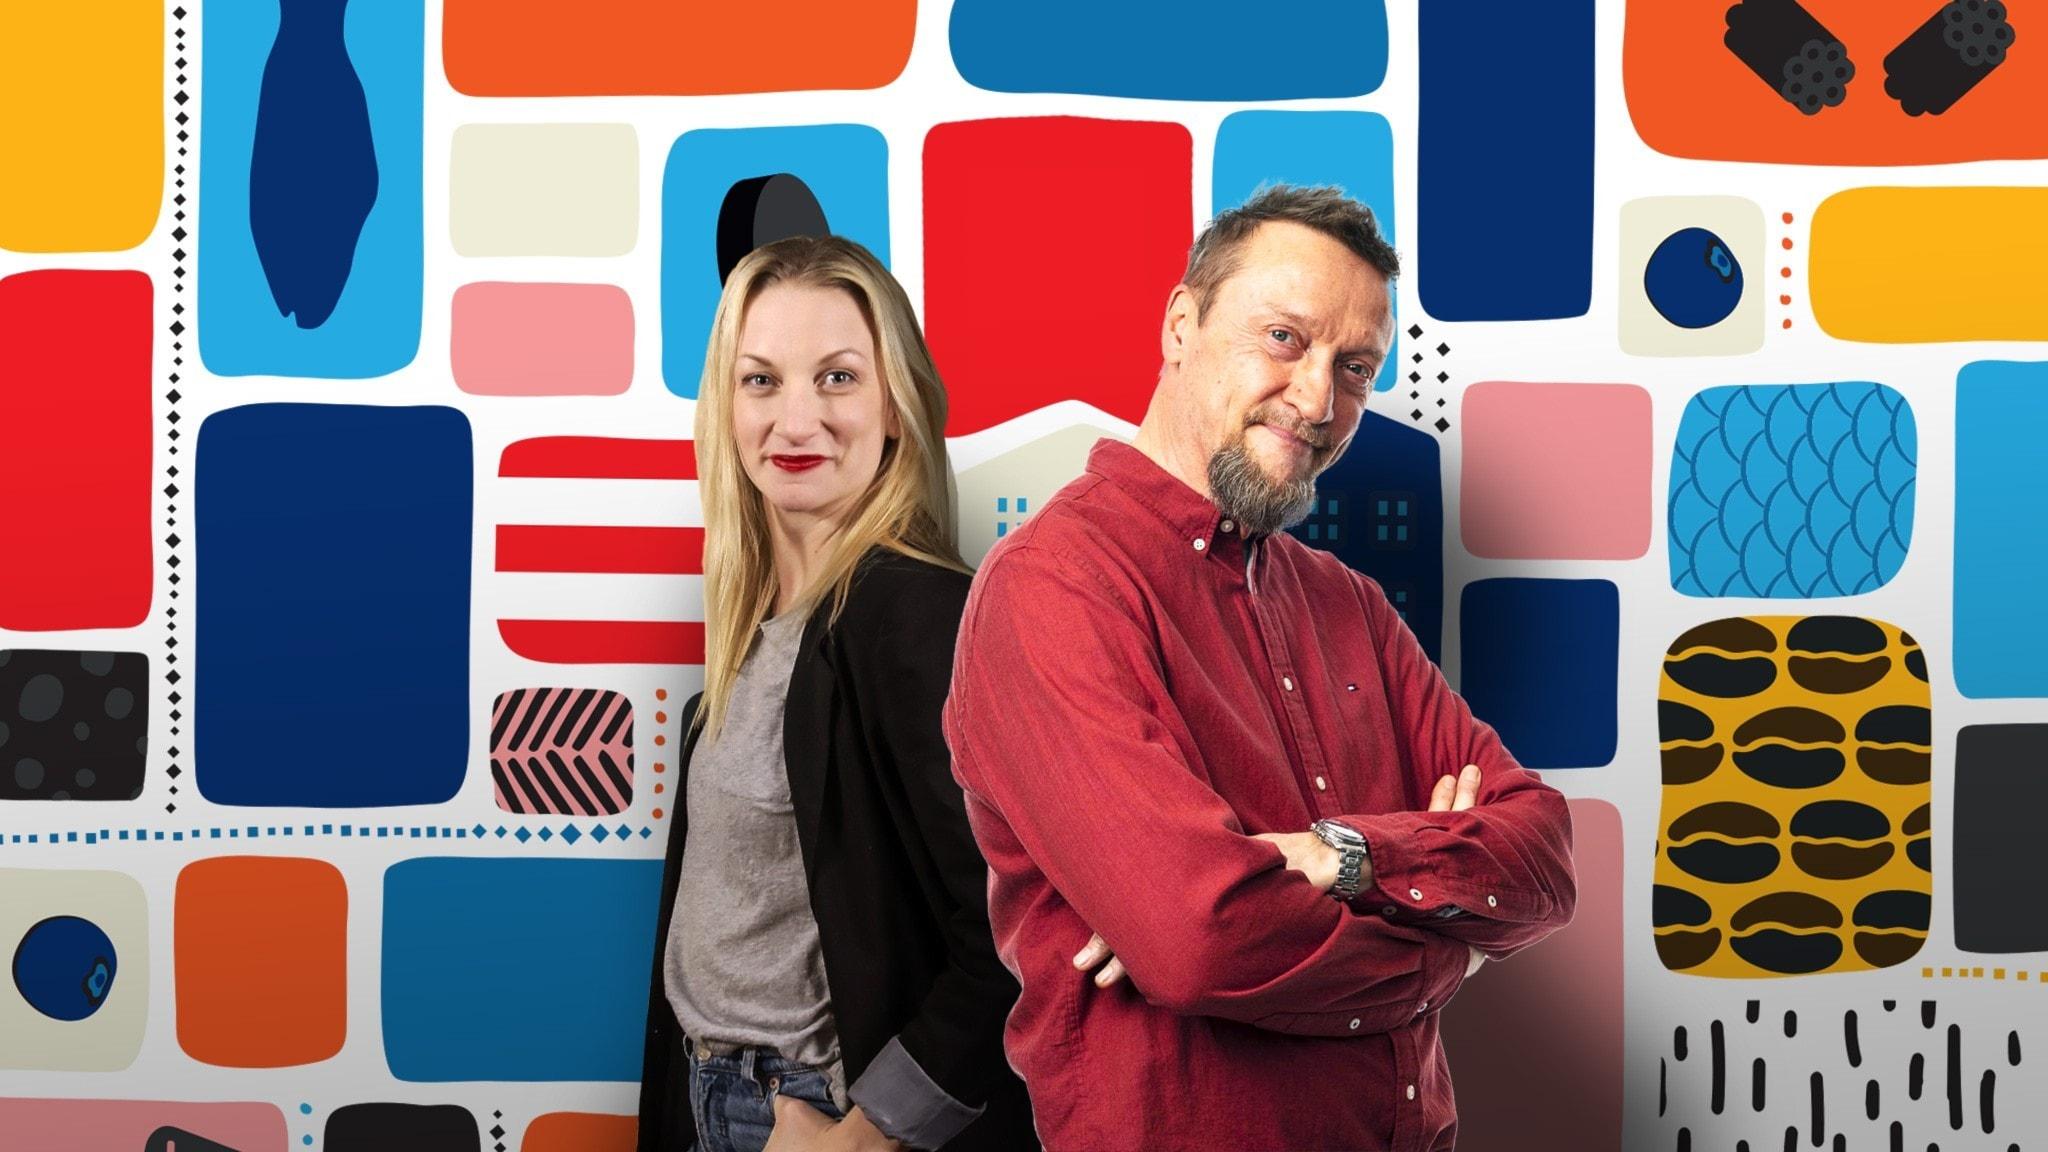 Programledarna Christer och Hanna framför en färgglad bakgrund.